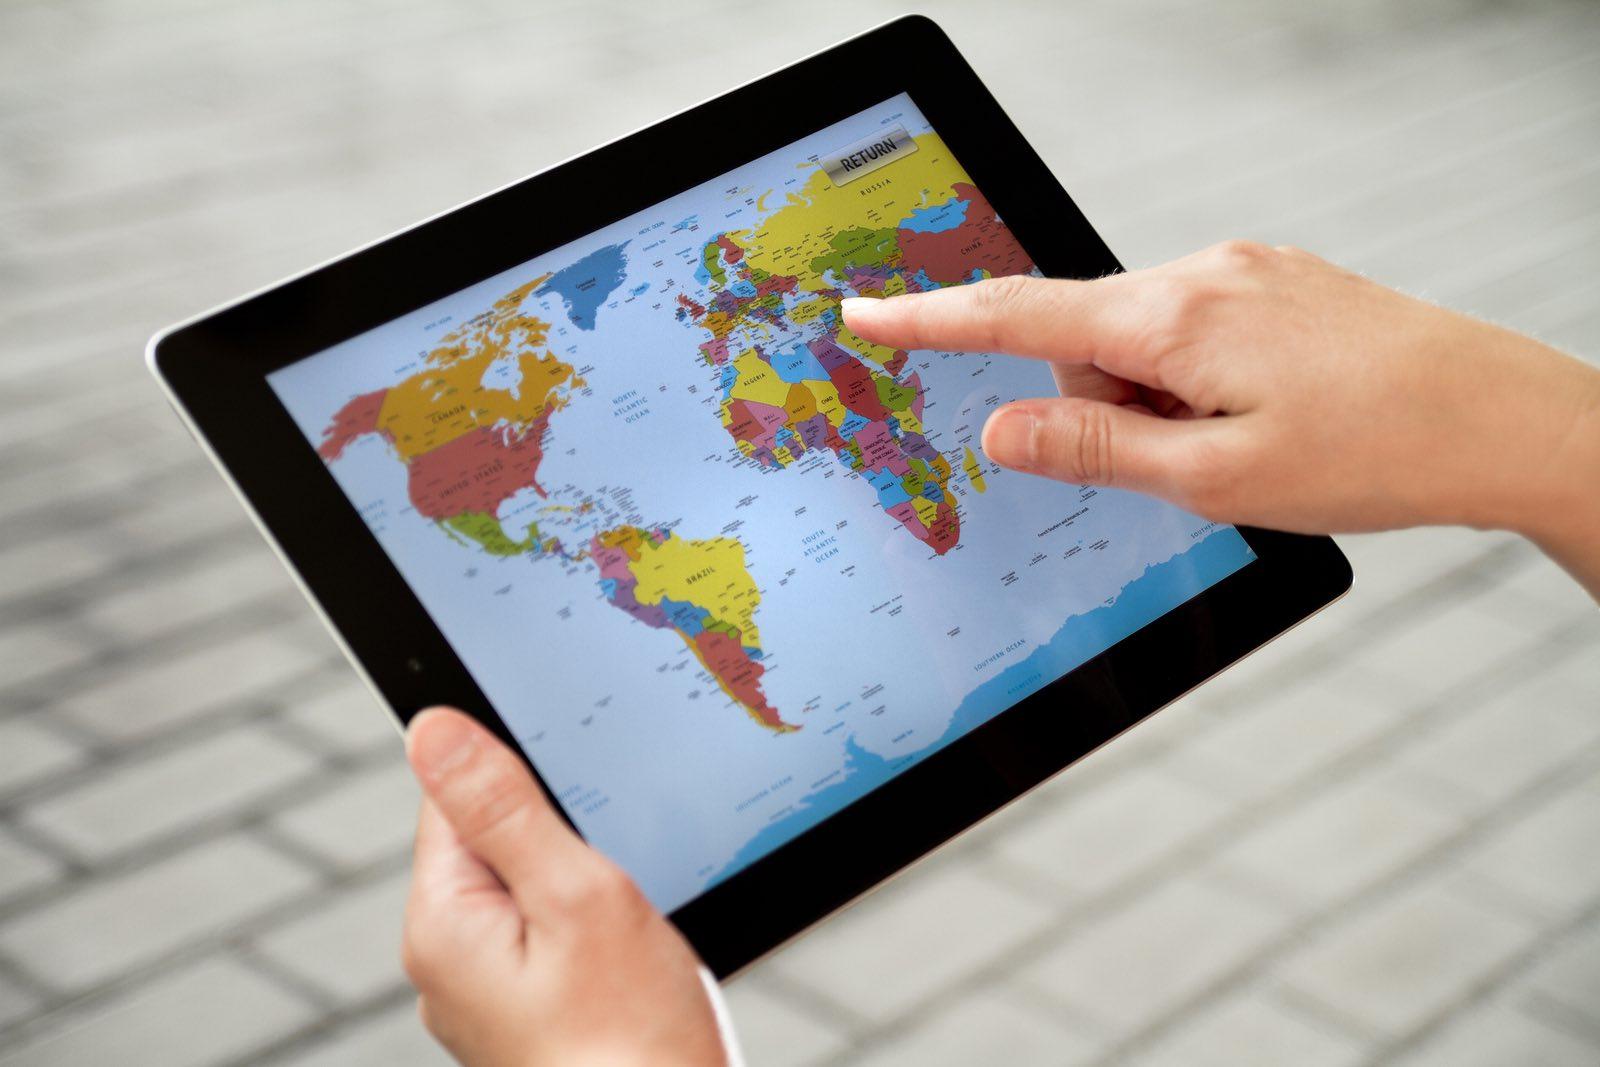 World Map On Apple Ipad